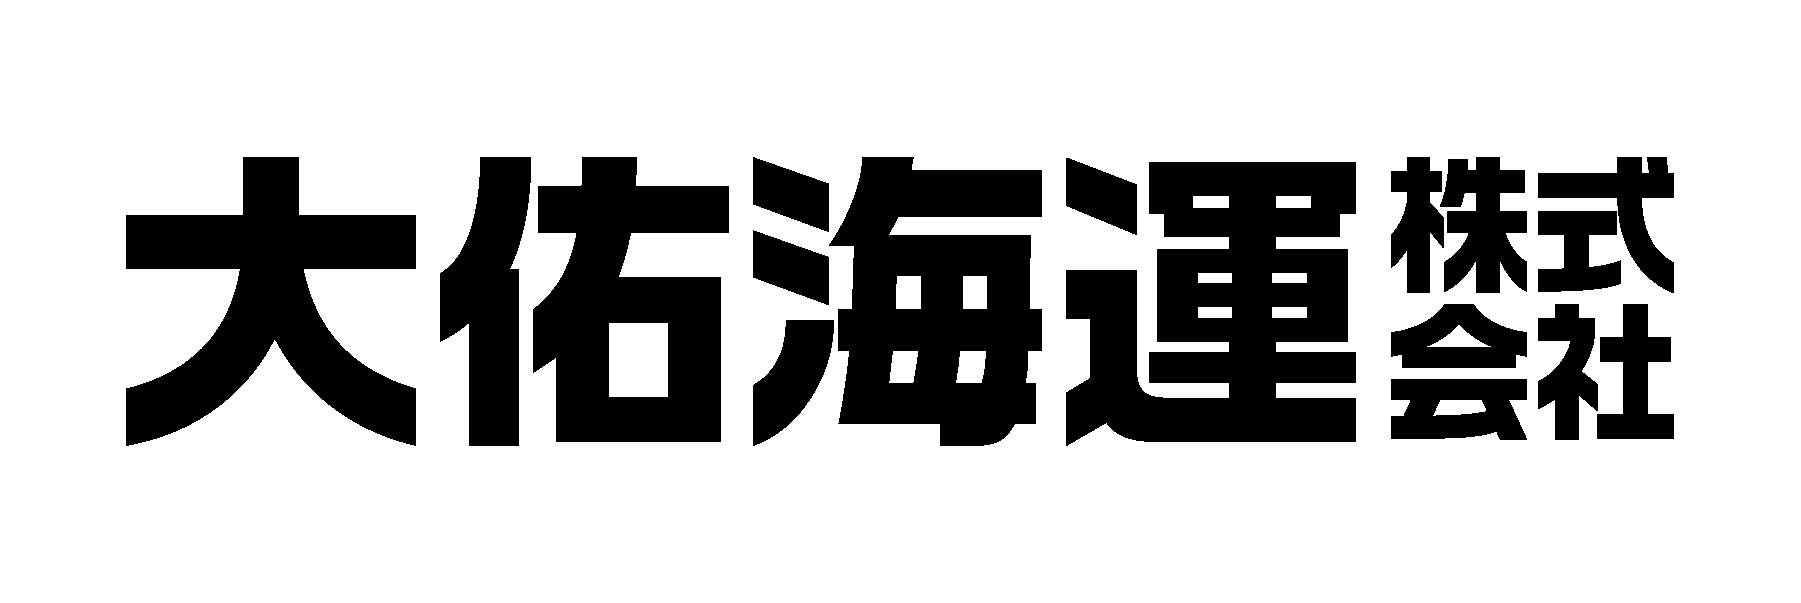 大佑海運株式会社